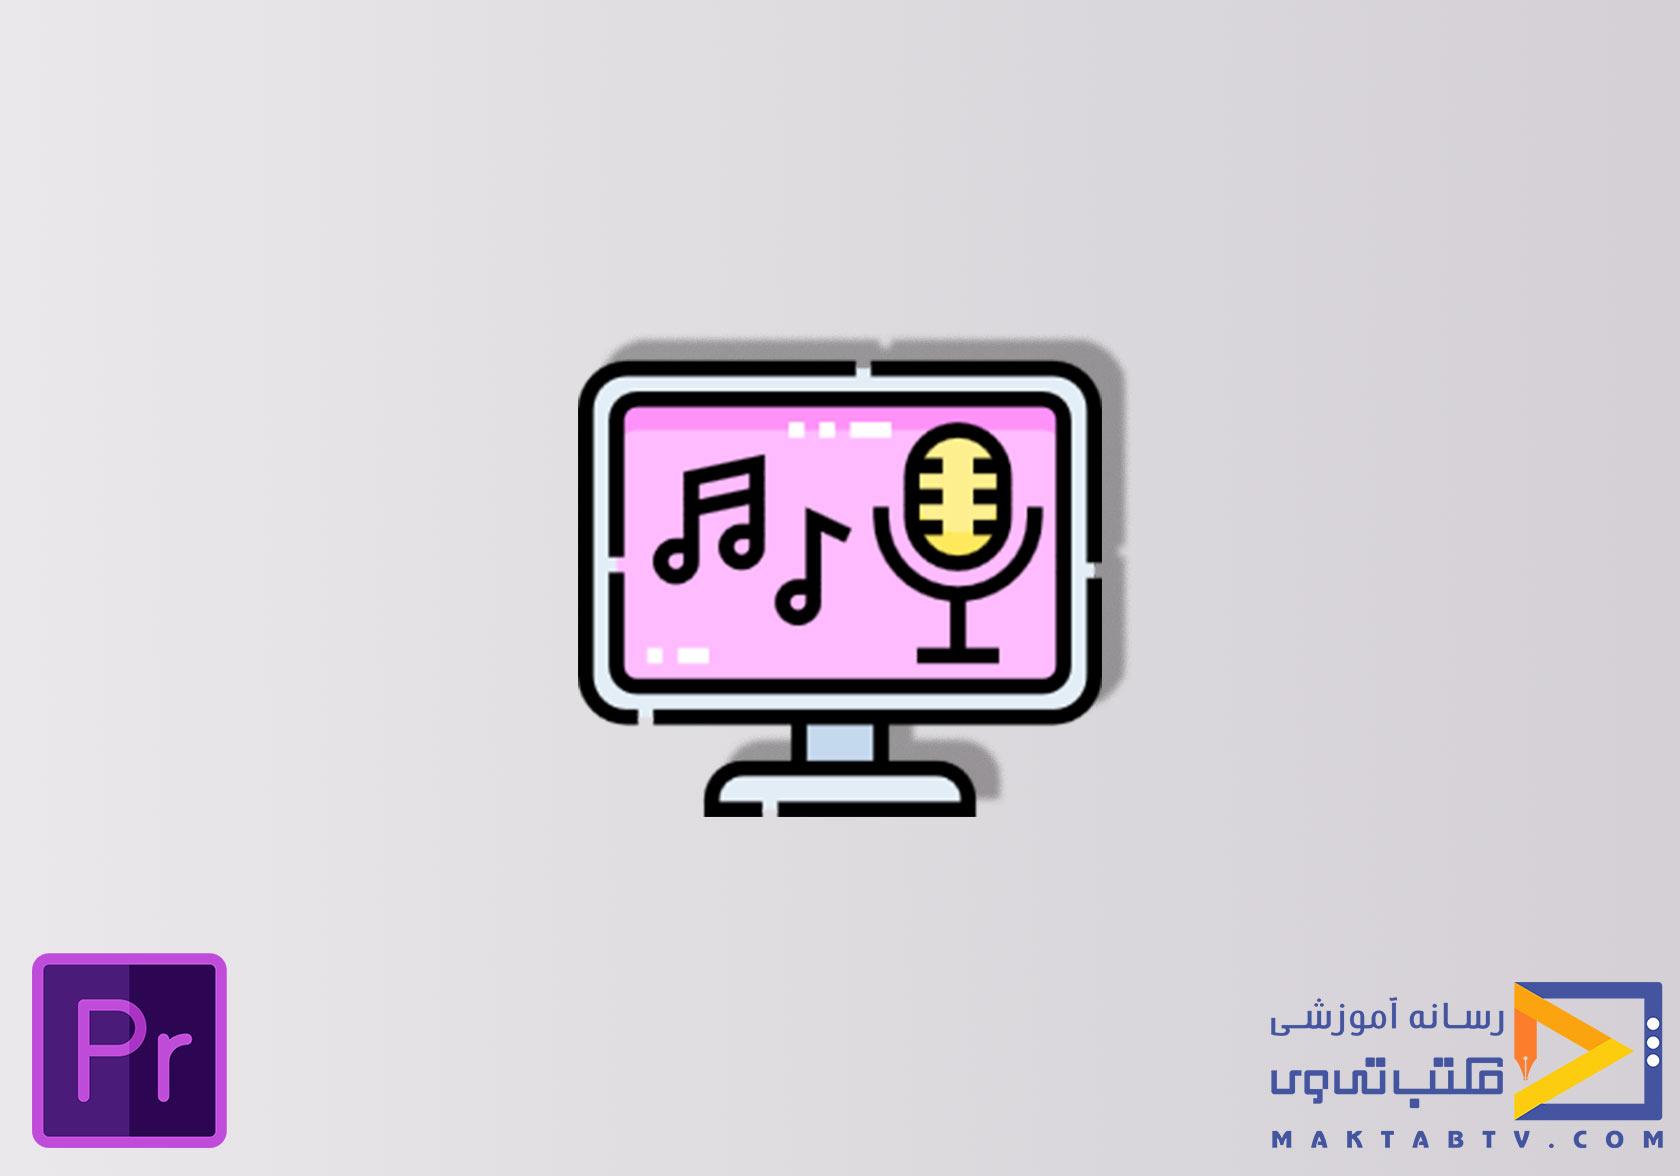 تنظیمات مربوط به فایل های صوتی در برنامه پریمیر